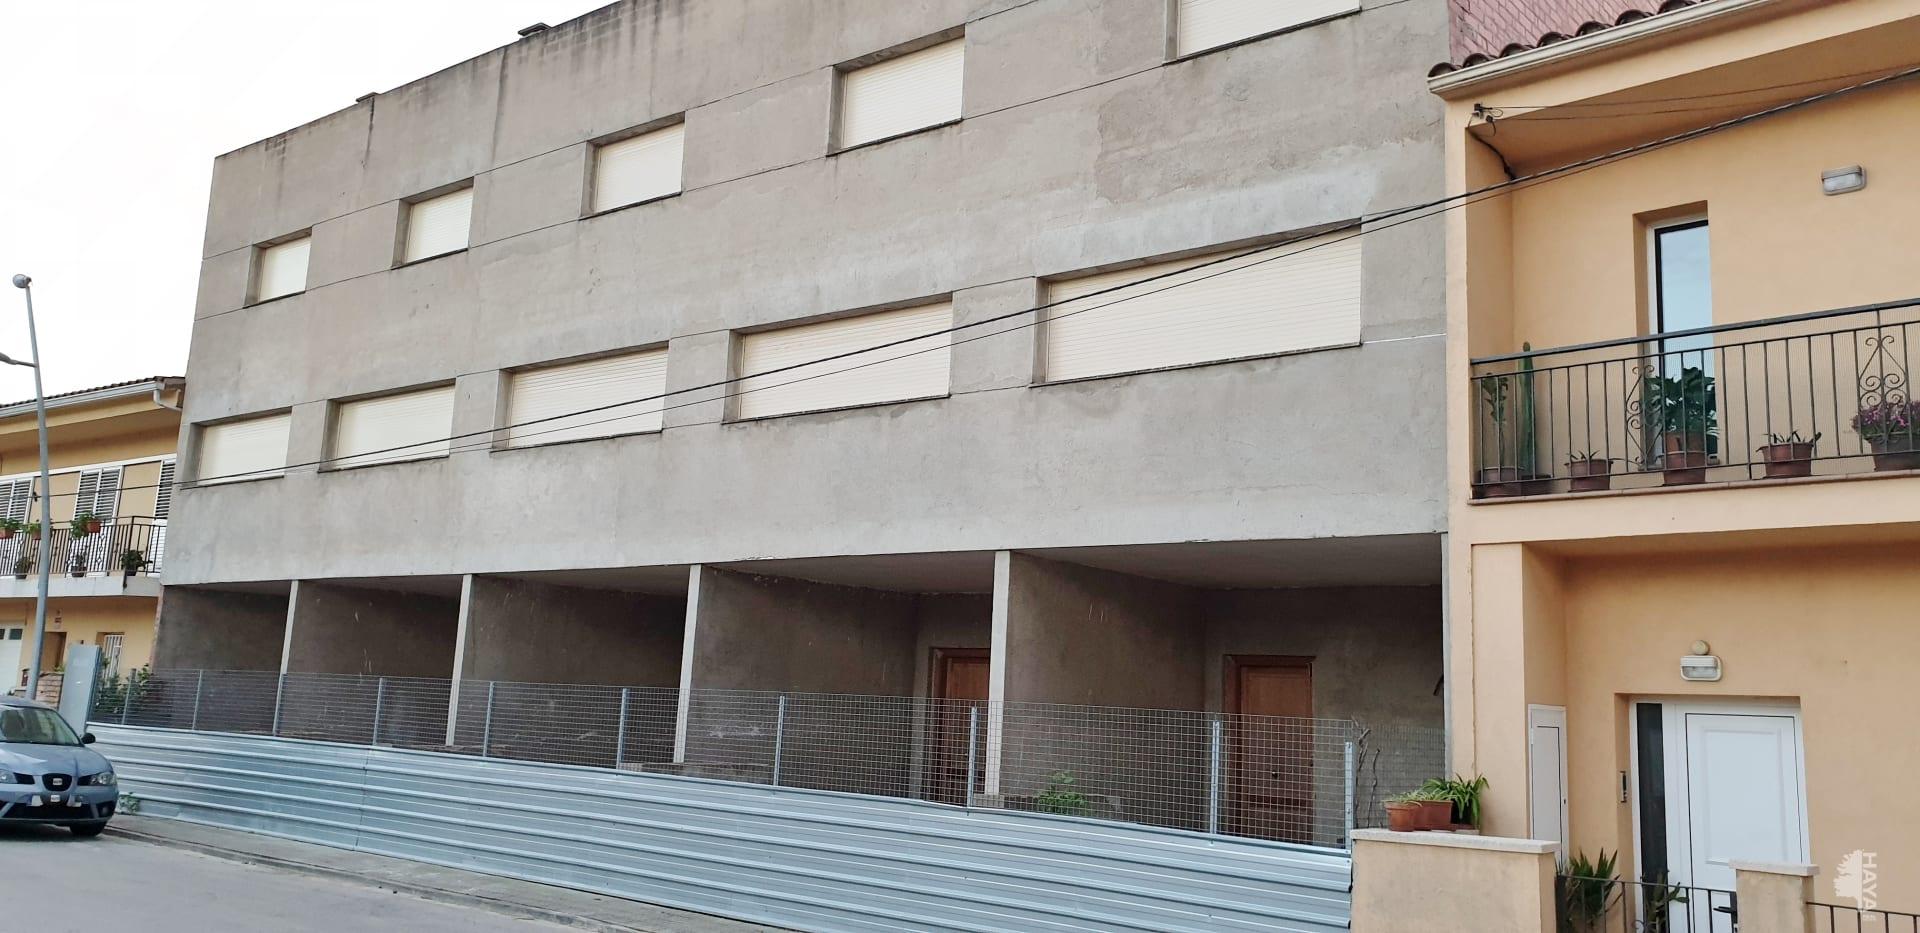 Edificio  Calle avenida mas flassia